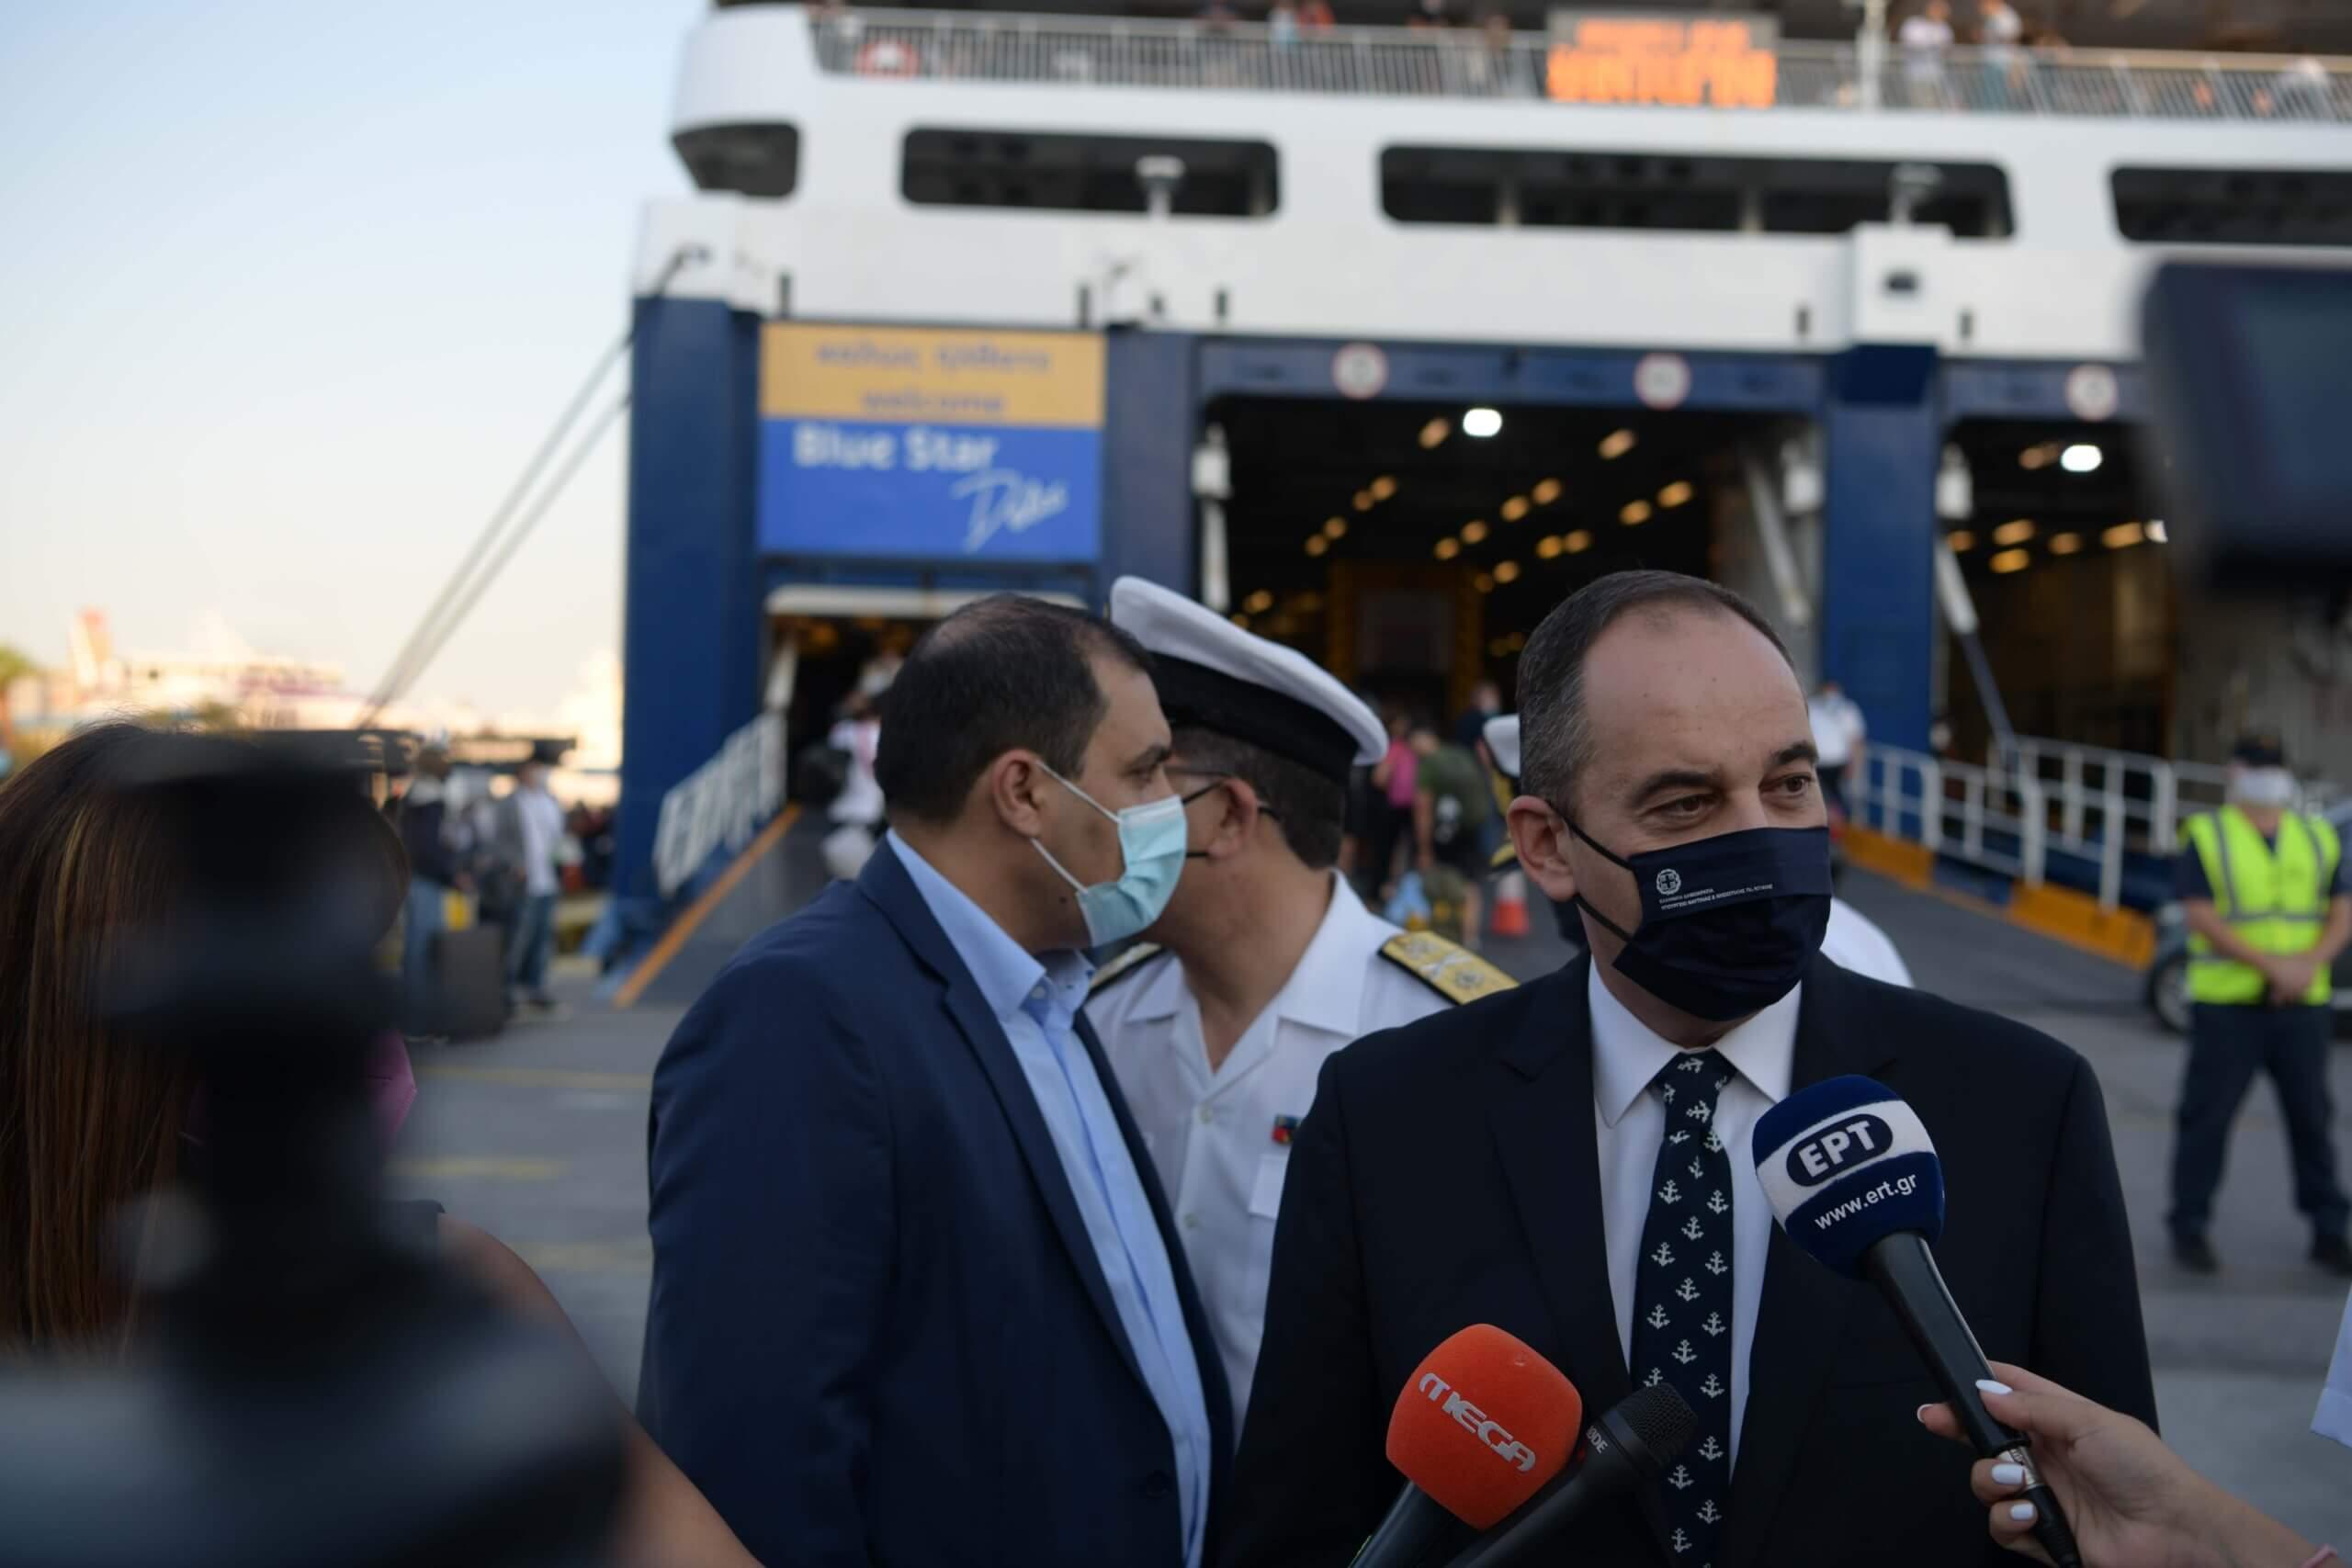 Γ. Πλακιωτάκης από το Λιμάνι του Πειραιά: Η πρόοδος του εμβολιαστικού προγράμματος σηματοδοτεί την πορεία επιστροφής στην κανονικότητα